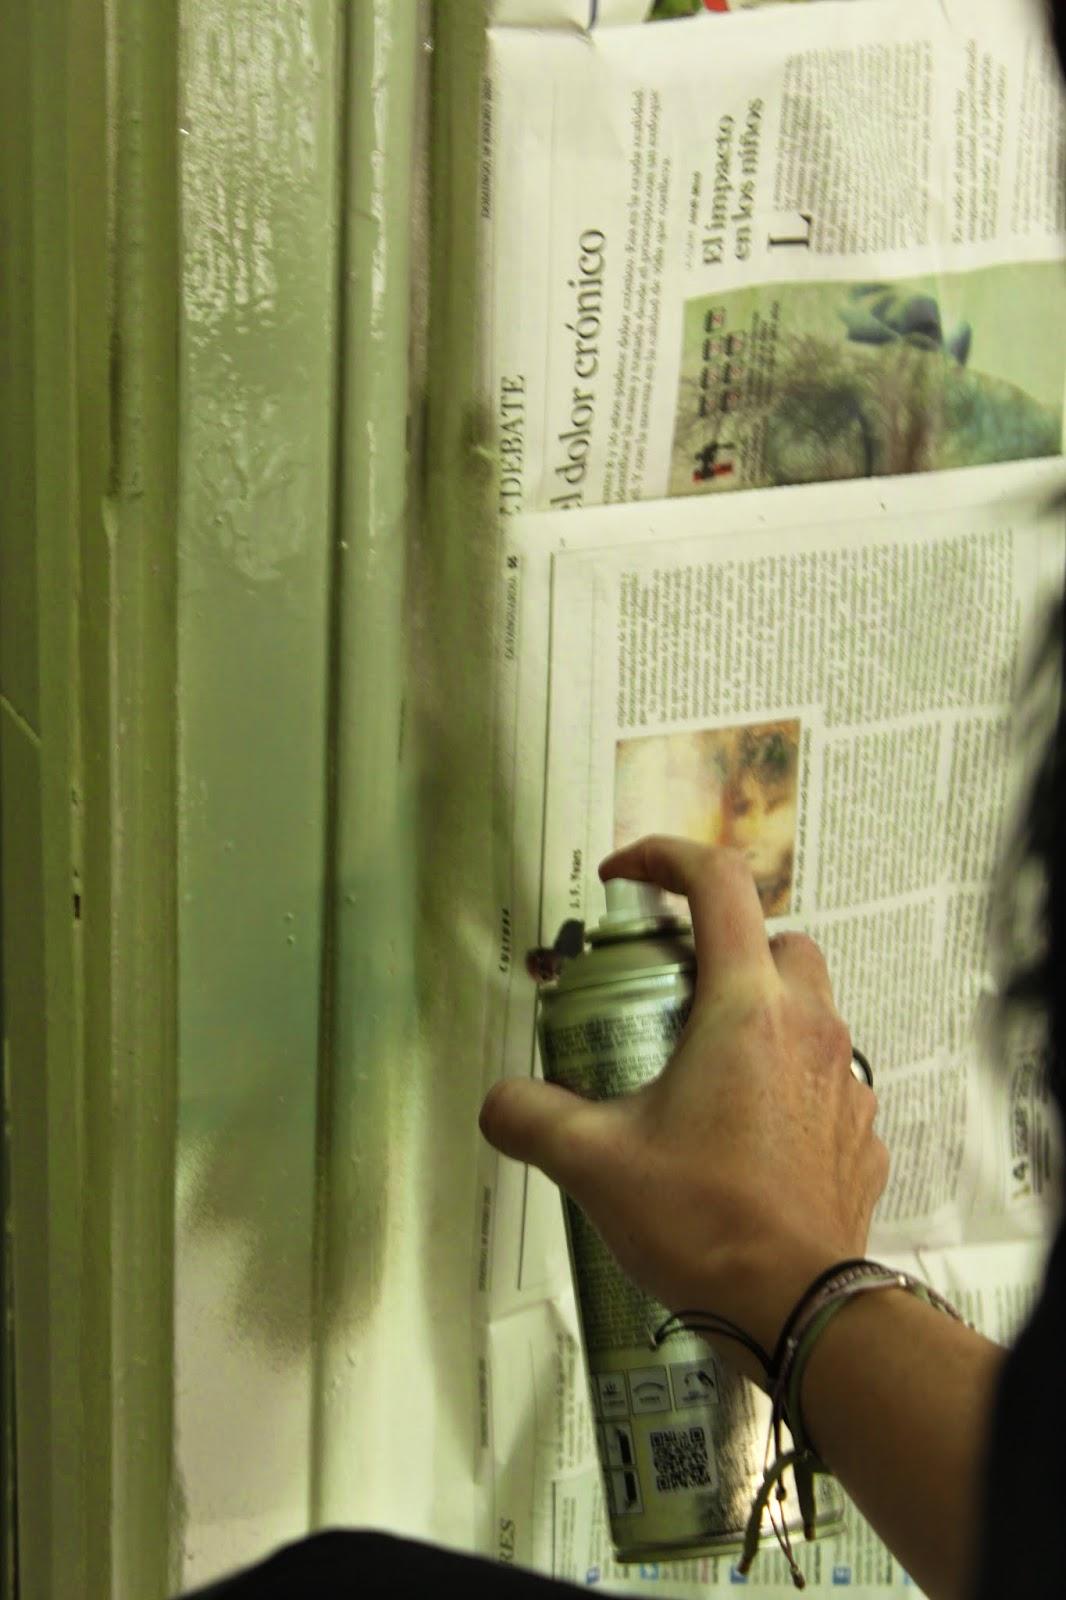 Pintar una puerta con spray para cambiar su aspecto